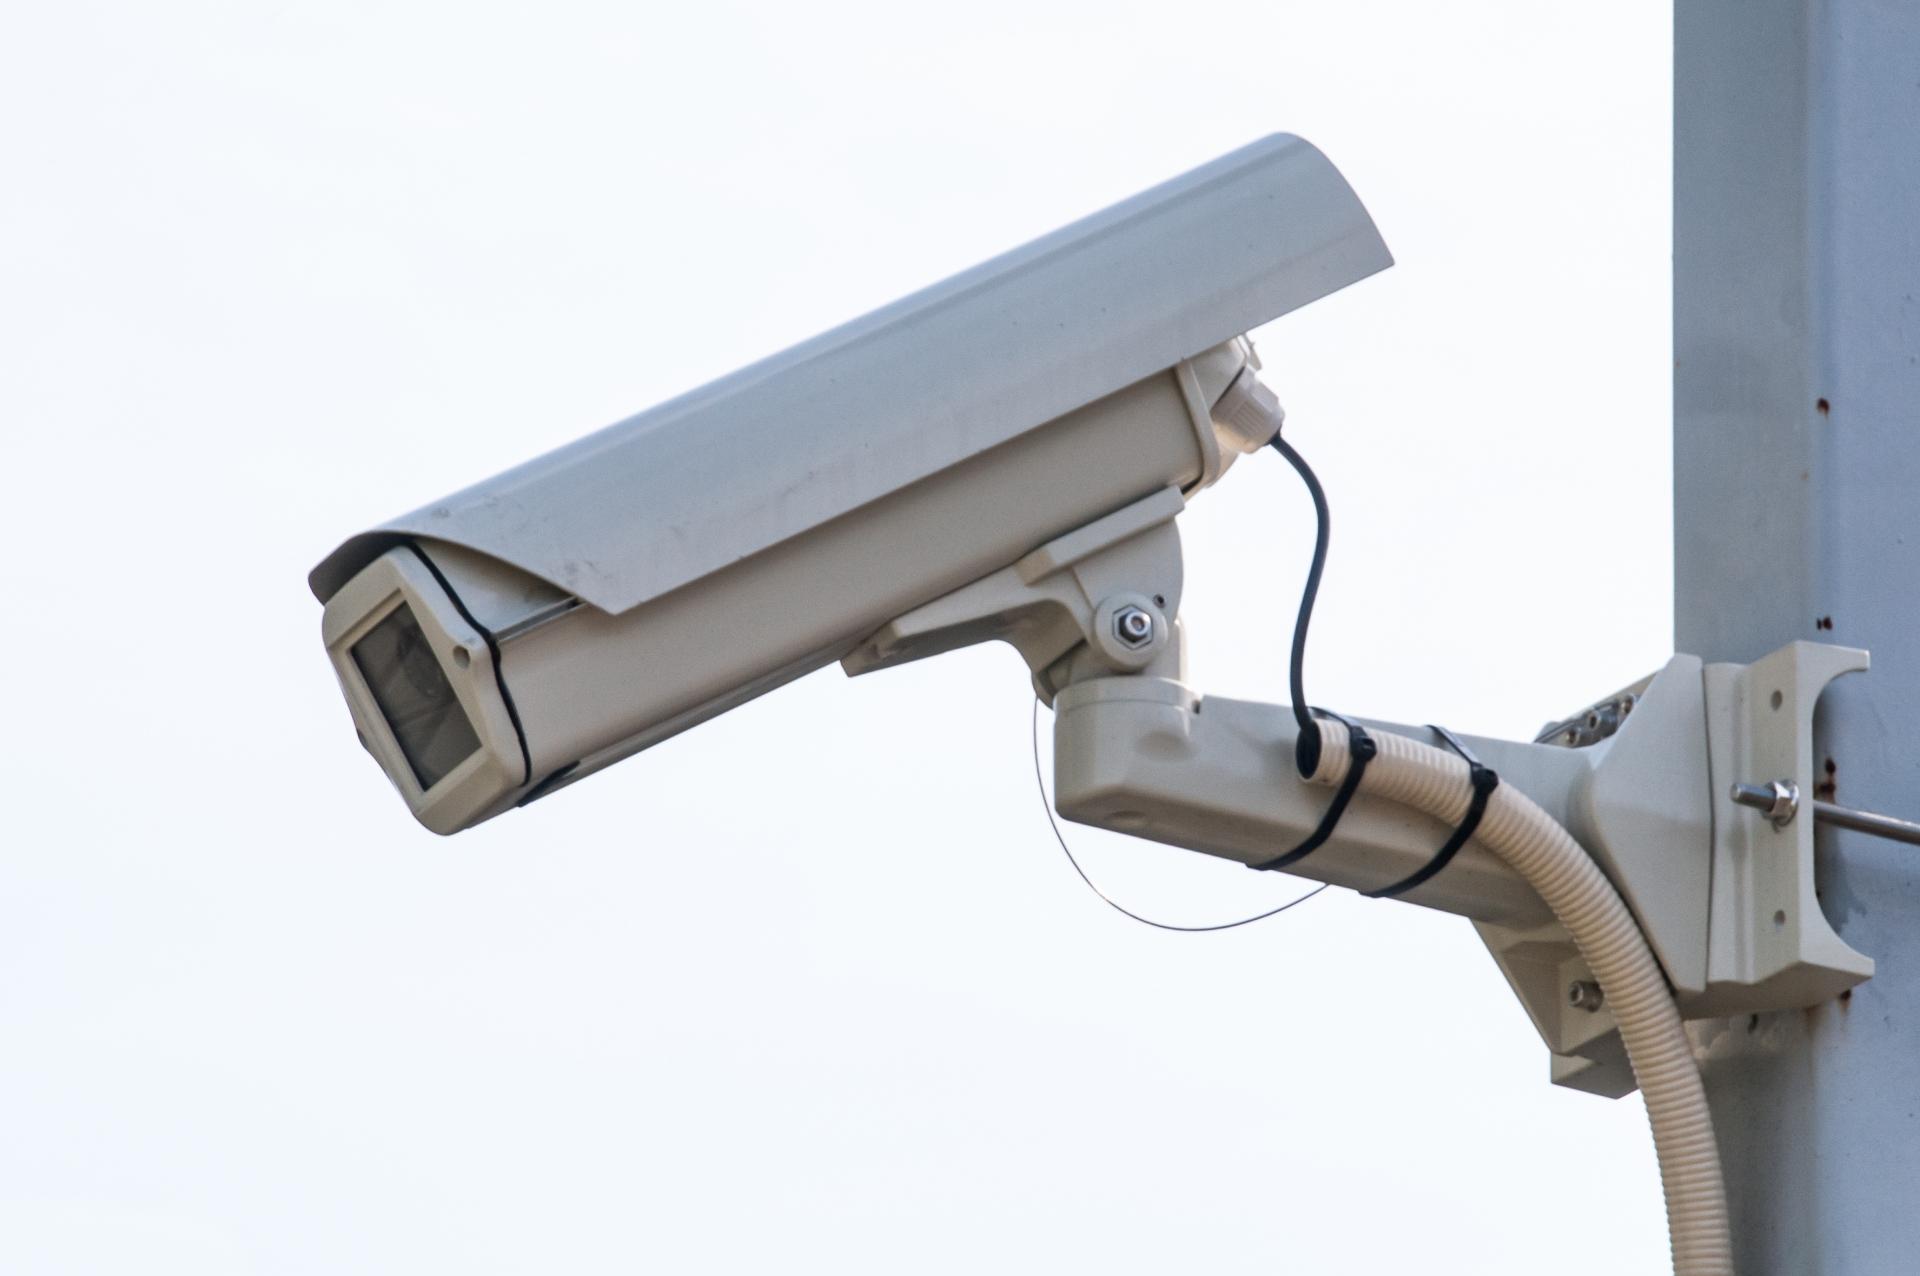 家庭用防犯カメラのおすすめ10選!屋外用や夜間対応も【2020年版】